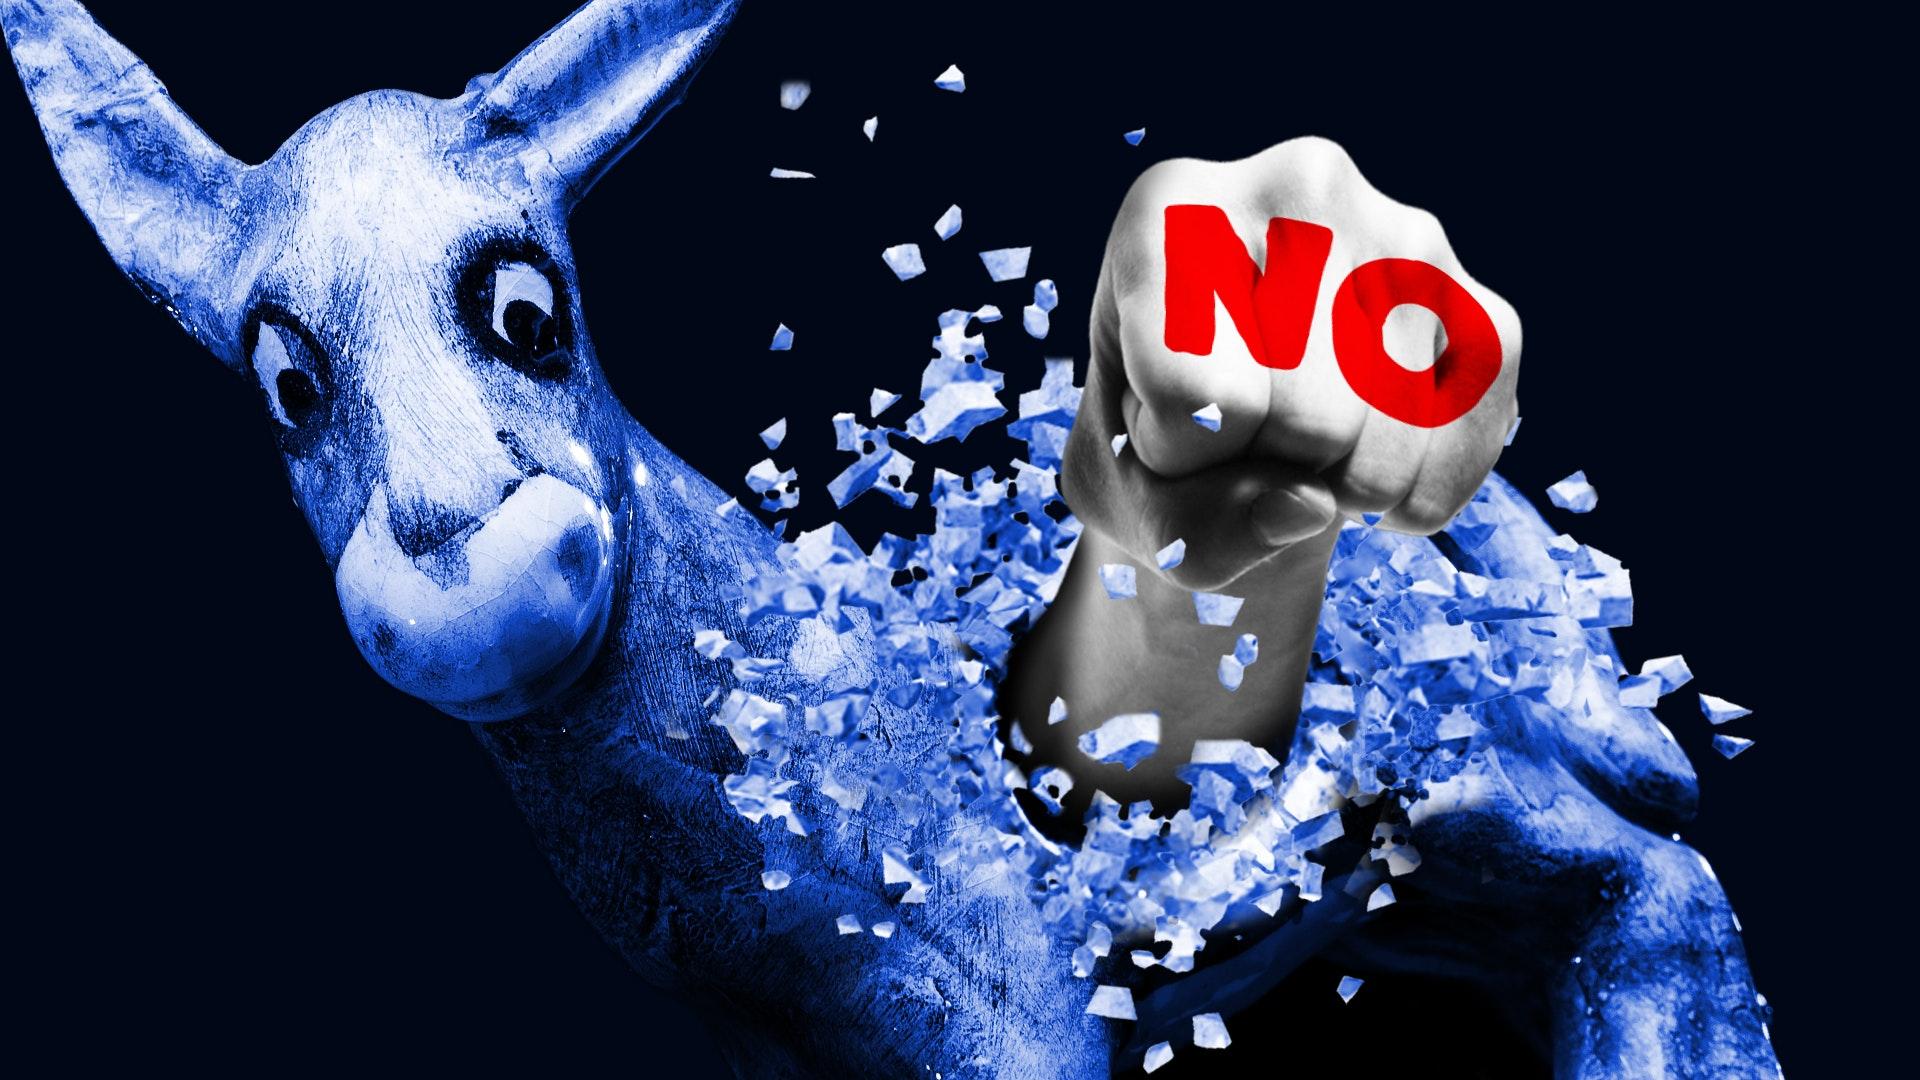 Ep. 785 - Just Say No!